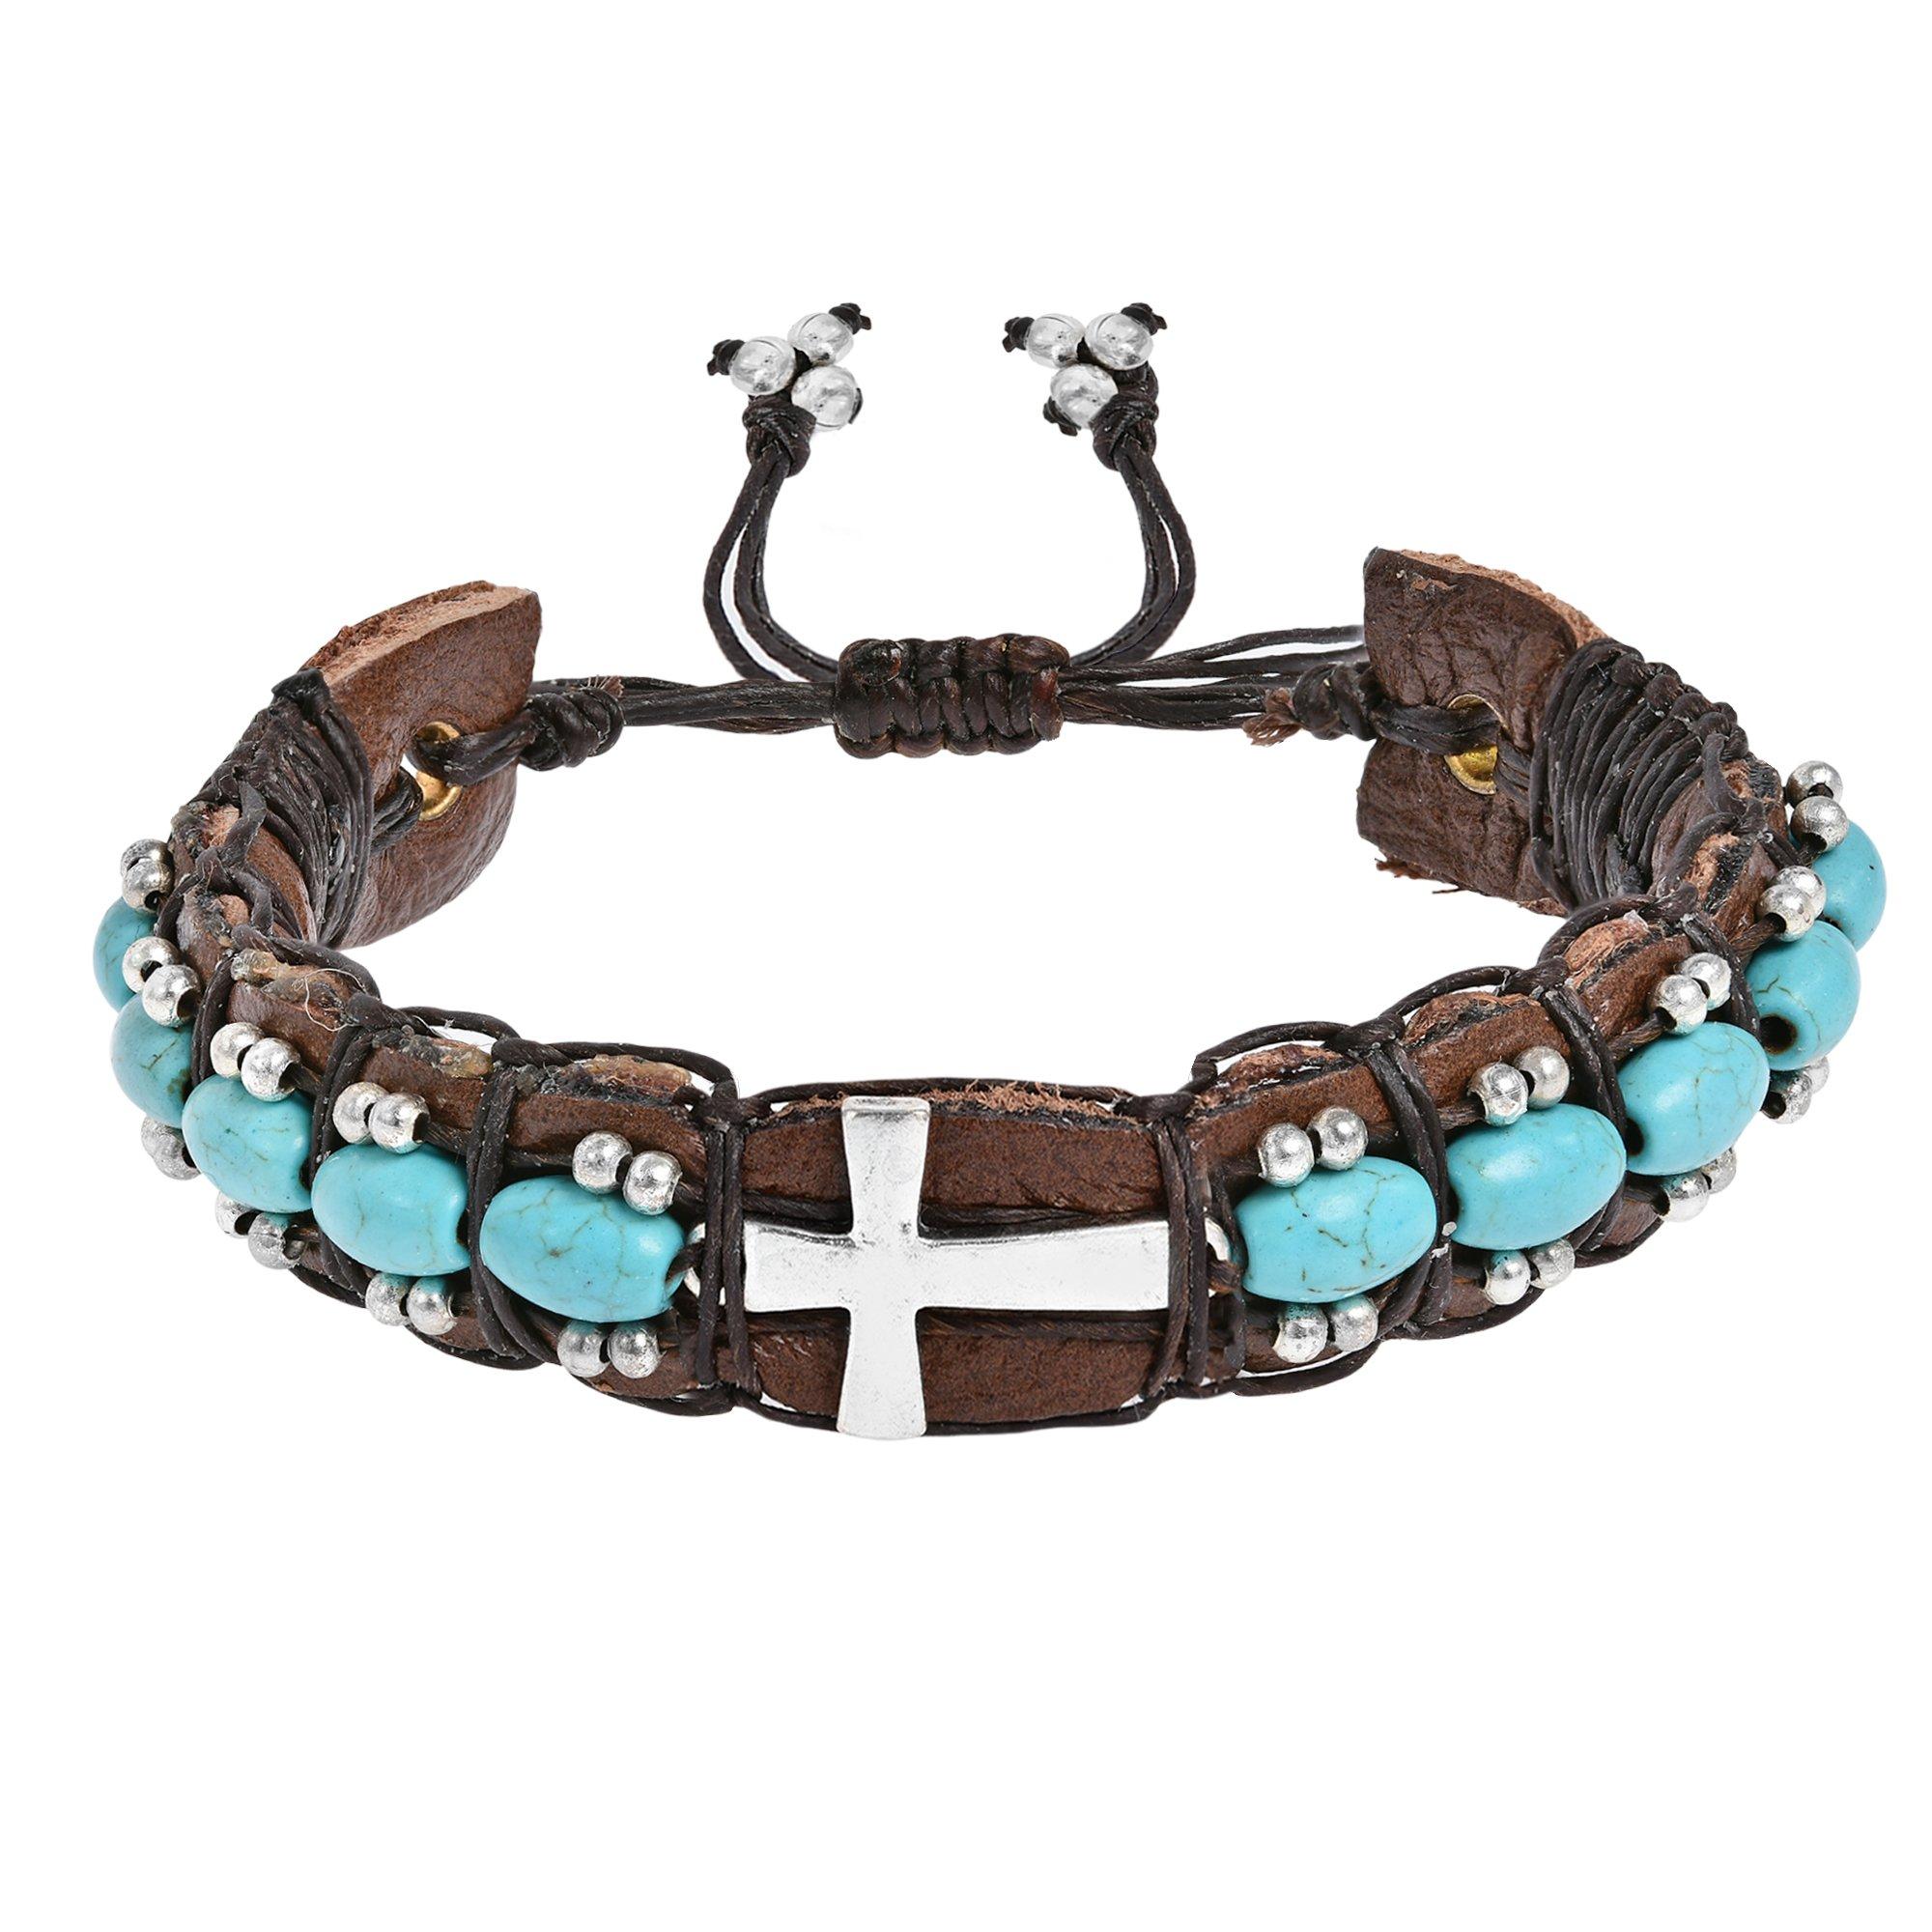 AeraVida Sleek Sideways Cross Simulated Turquoise Rolls Leather Adjustable Wrist Pull Bracelet